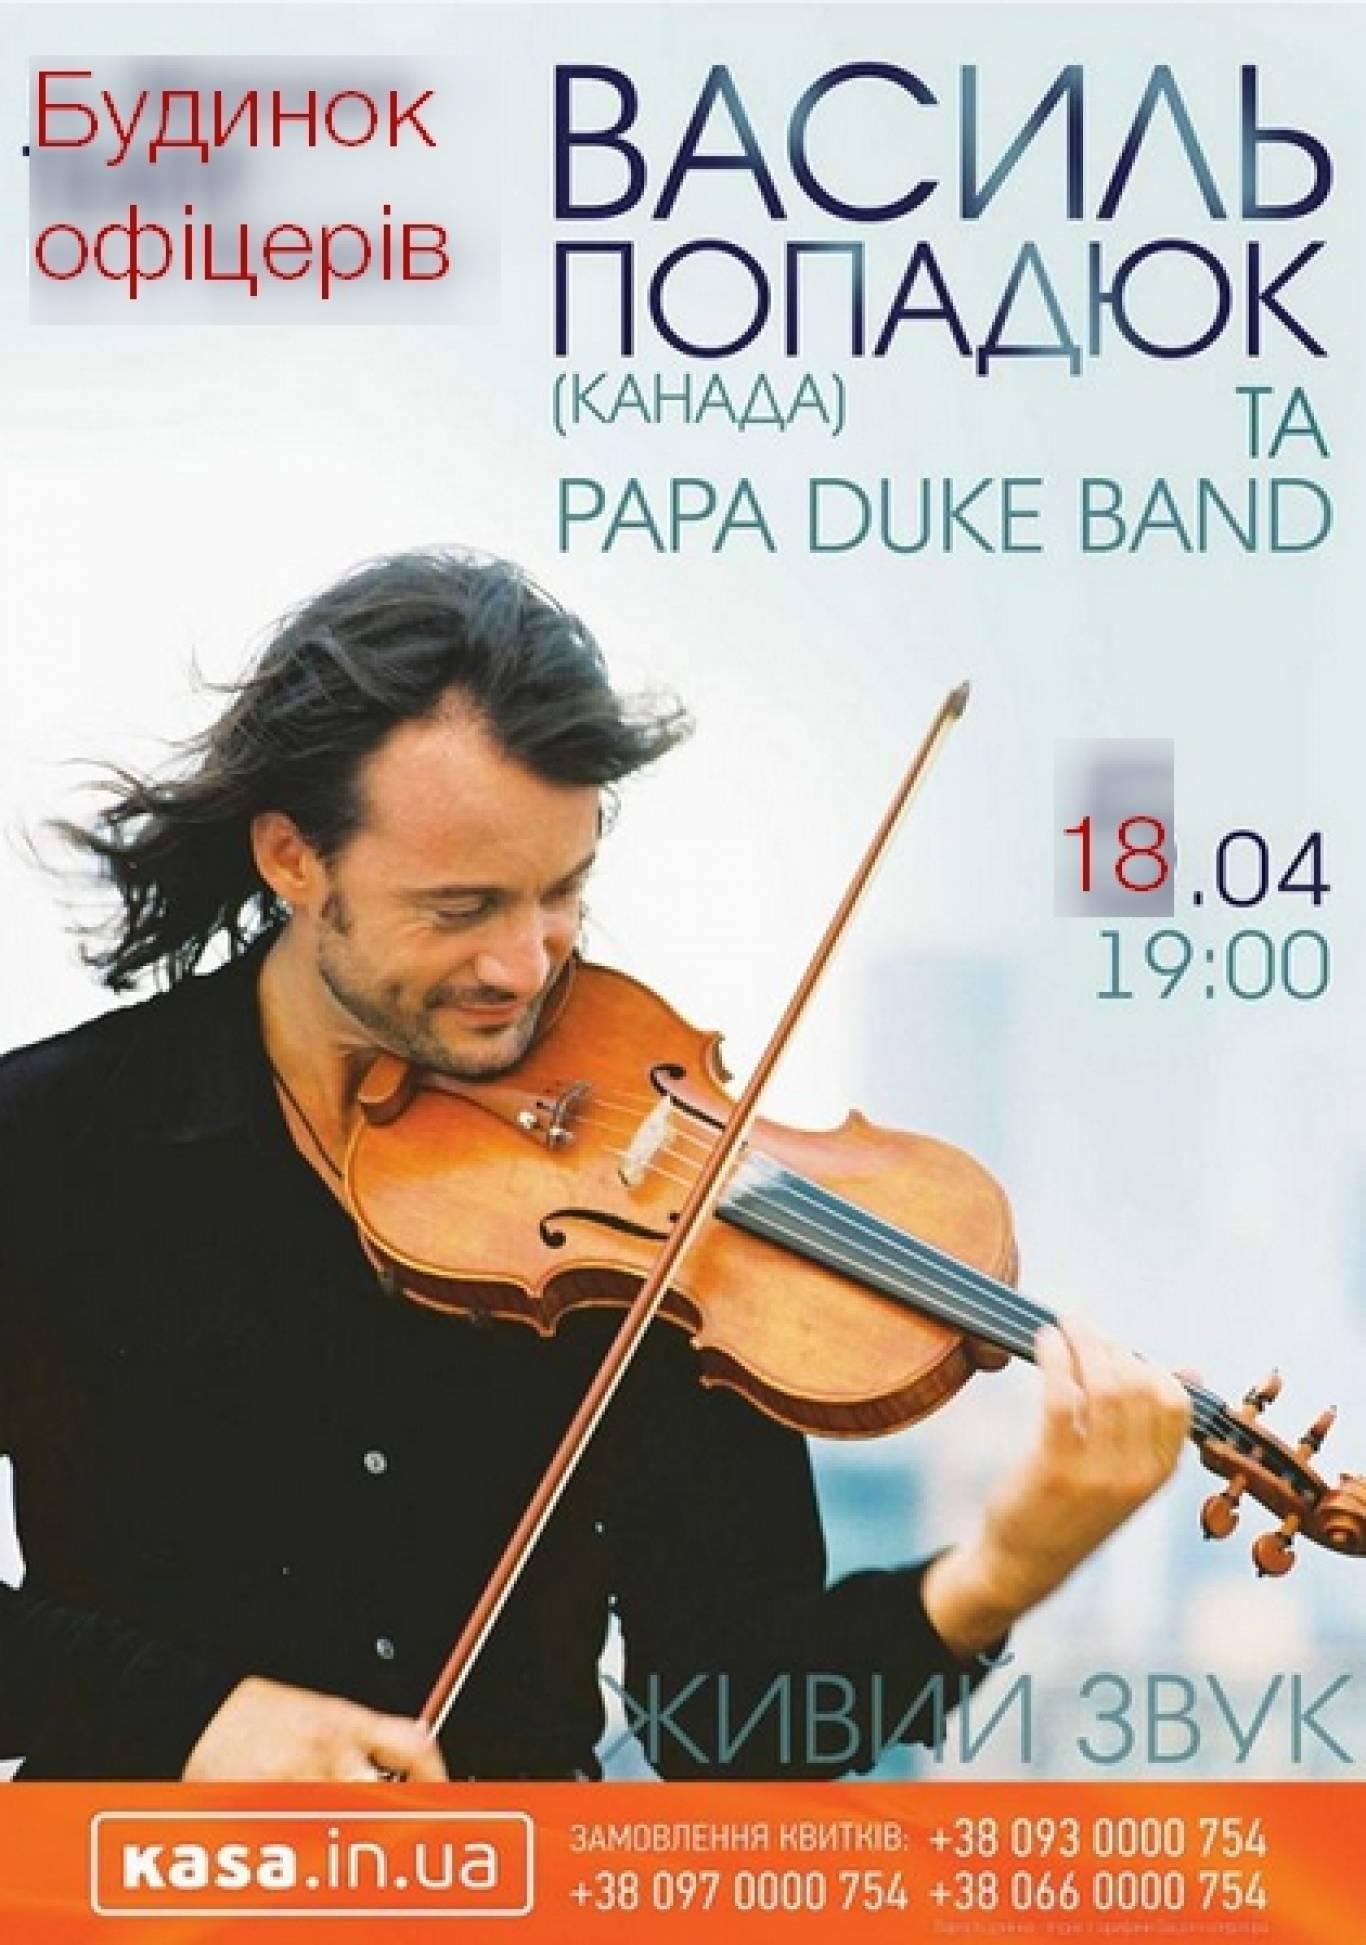 Концерт від Василя Попадюка та Papa Duke Band